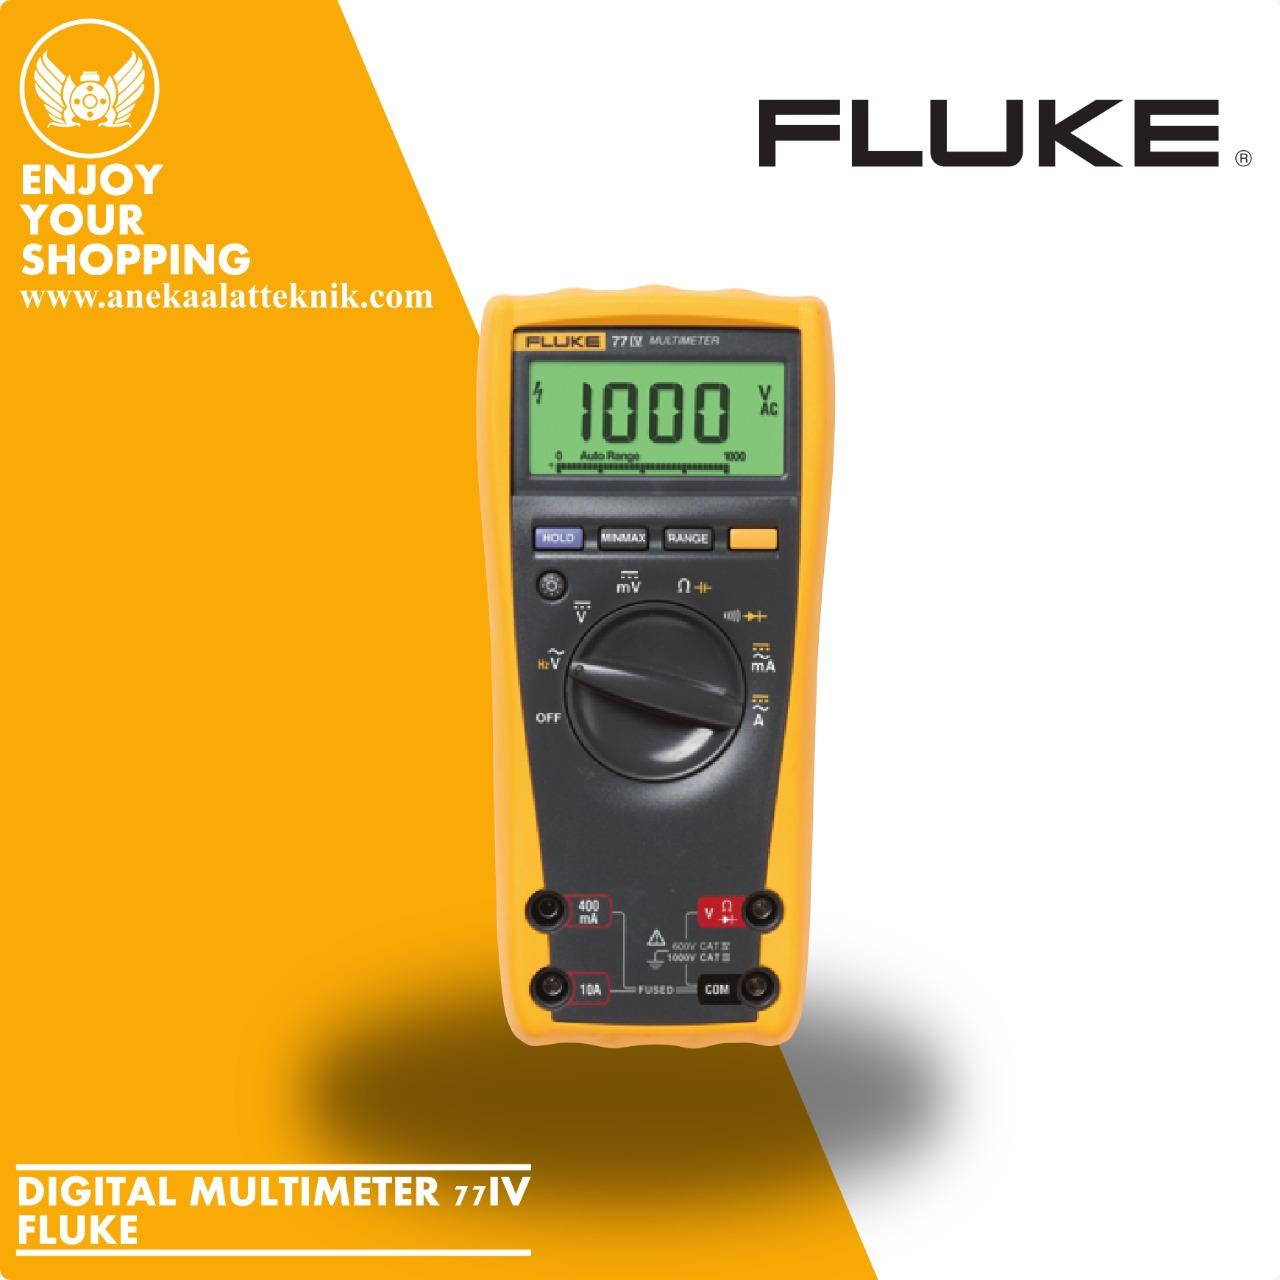 Digital Multimeter Fluke 77IV